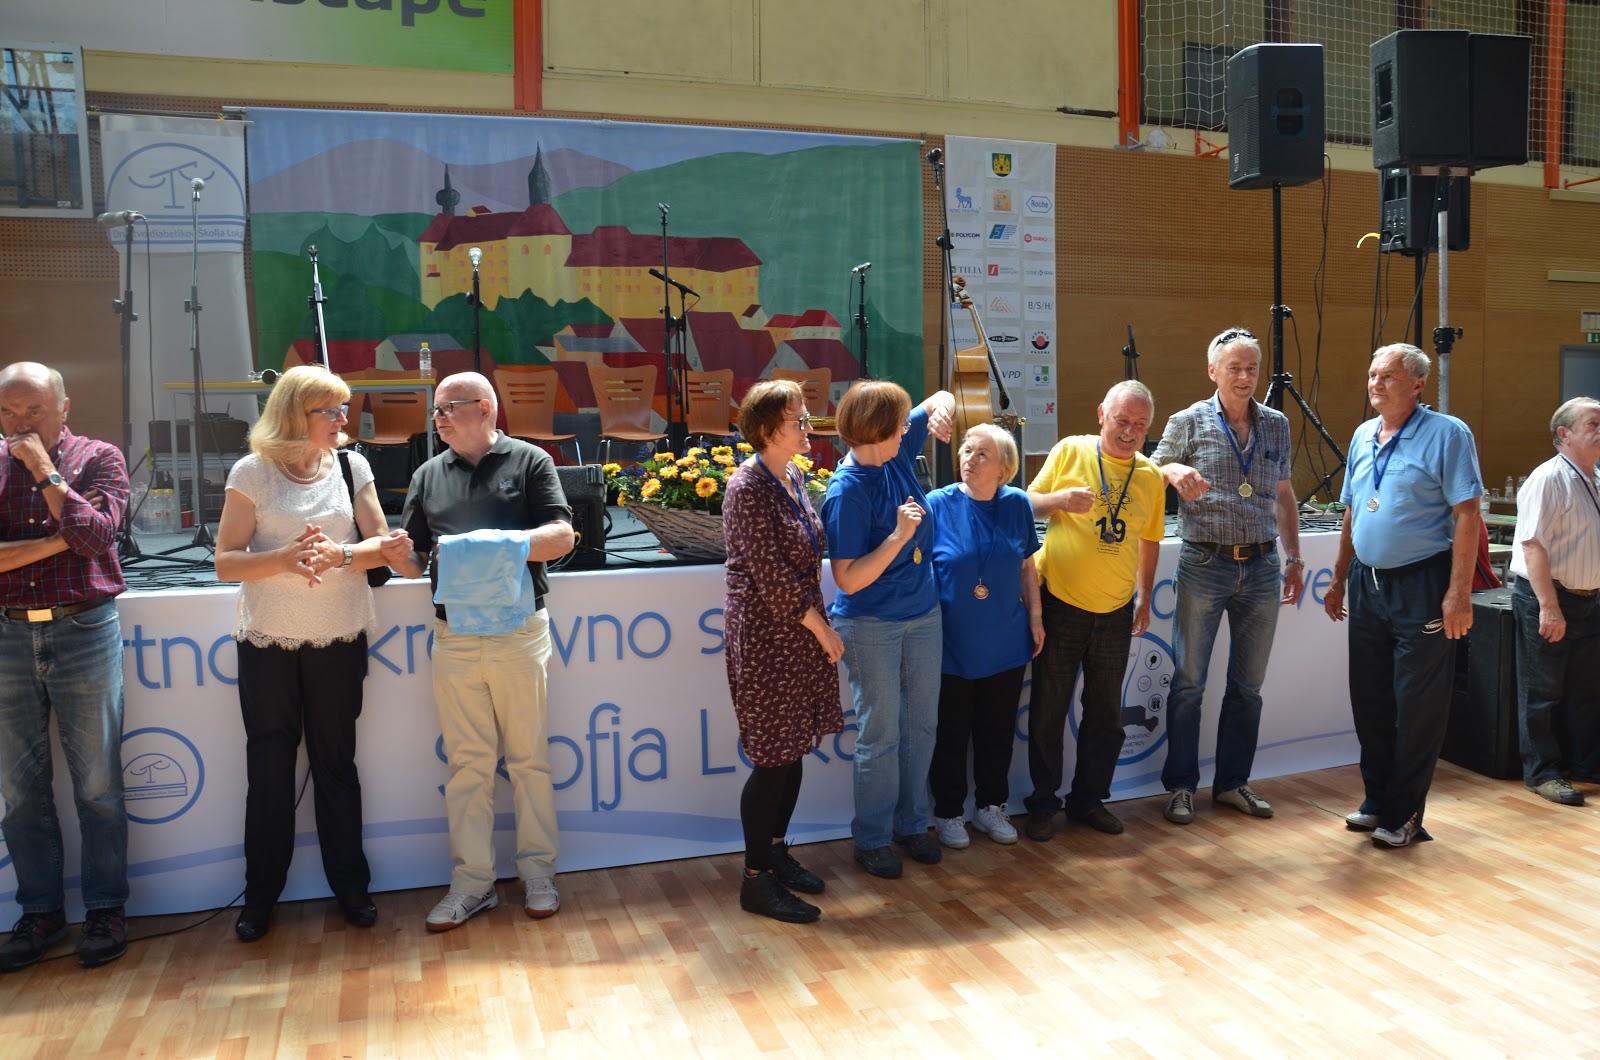 21. športno srečanje diabetikov Slovenije - DSC_1134.JPG